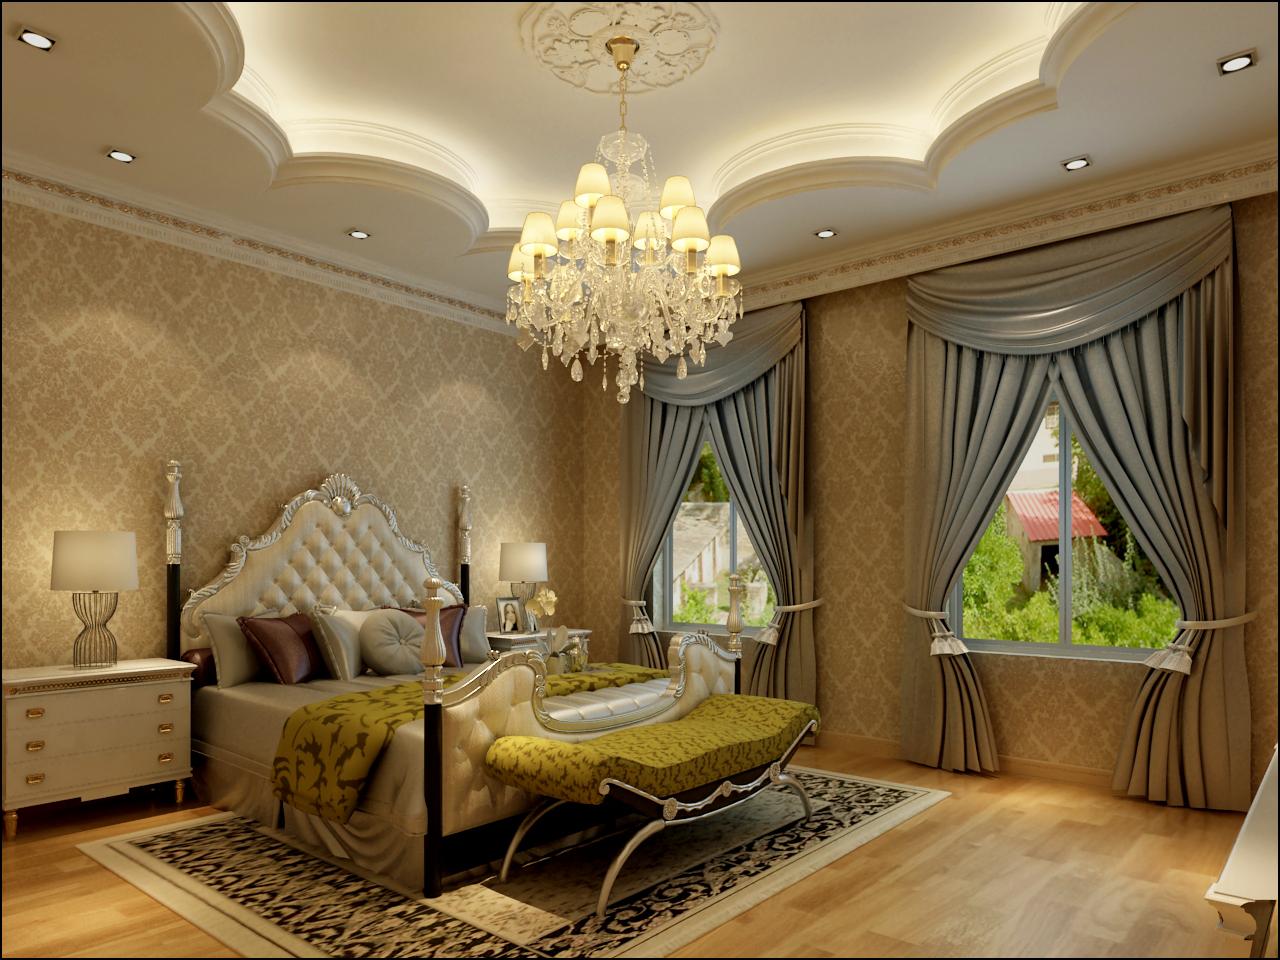 欧式风格 实创装饰 别墅装修 整体家装 卧室图片来自北京实创装饰在孔雀城235平米别墅欧式风格的分享